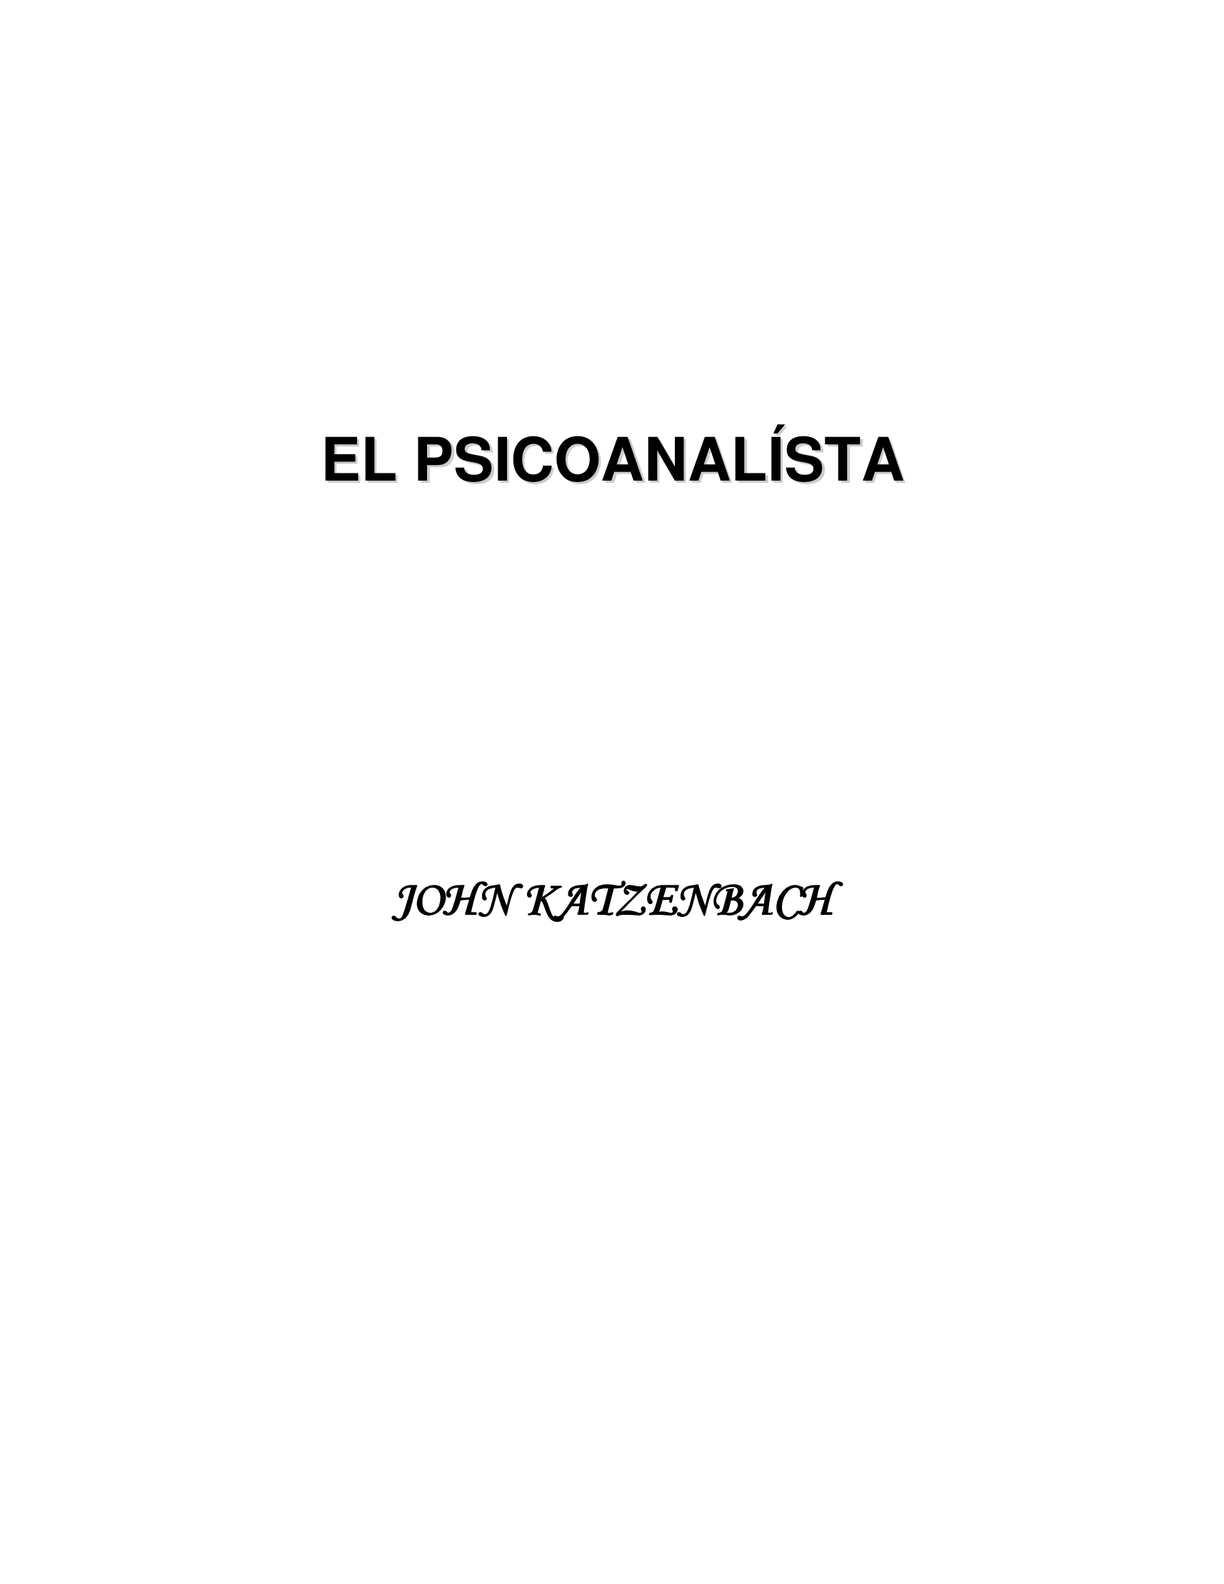 Calaméo - Psicoanalista de John Katsenbach